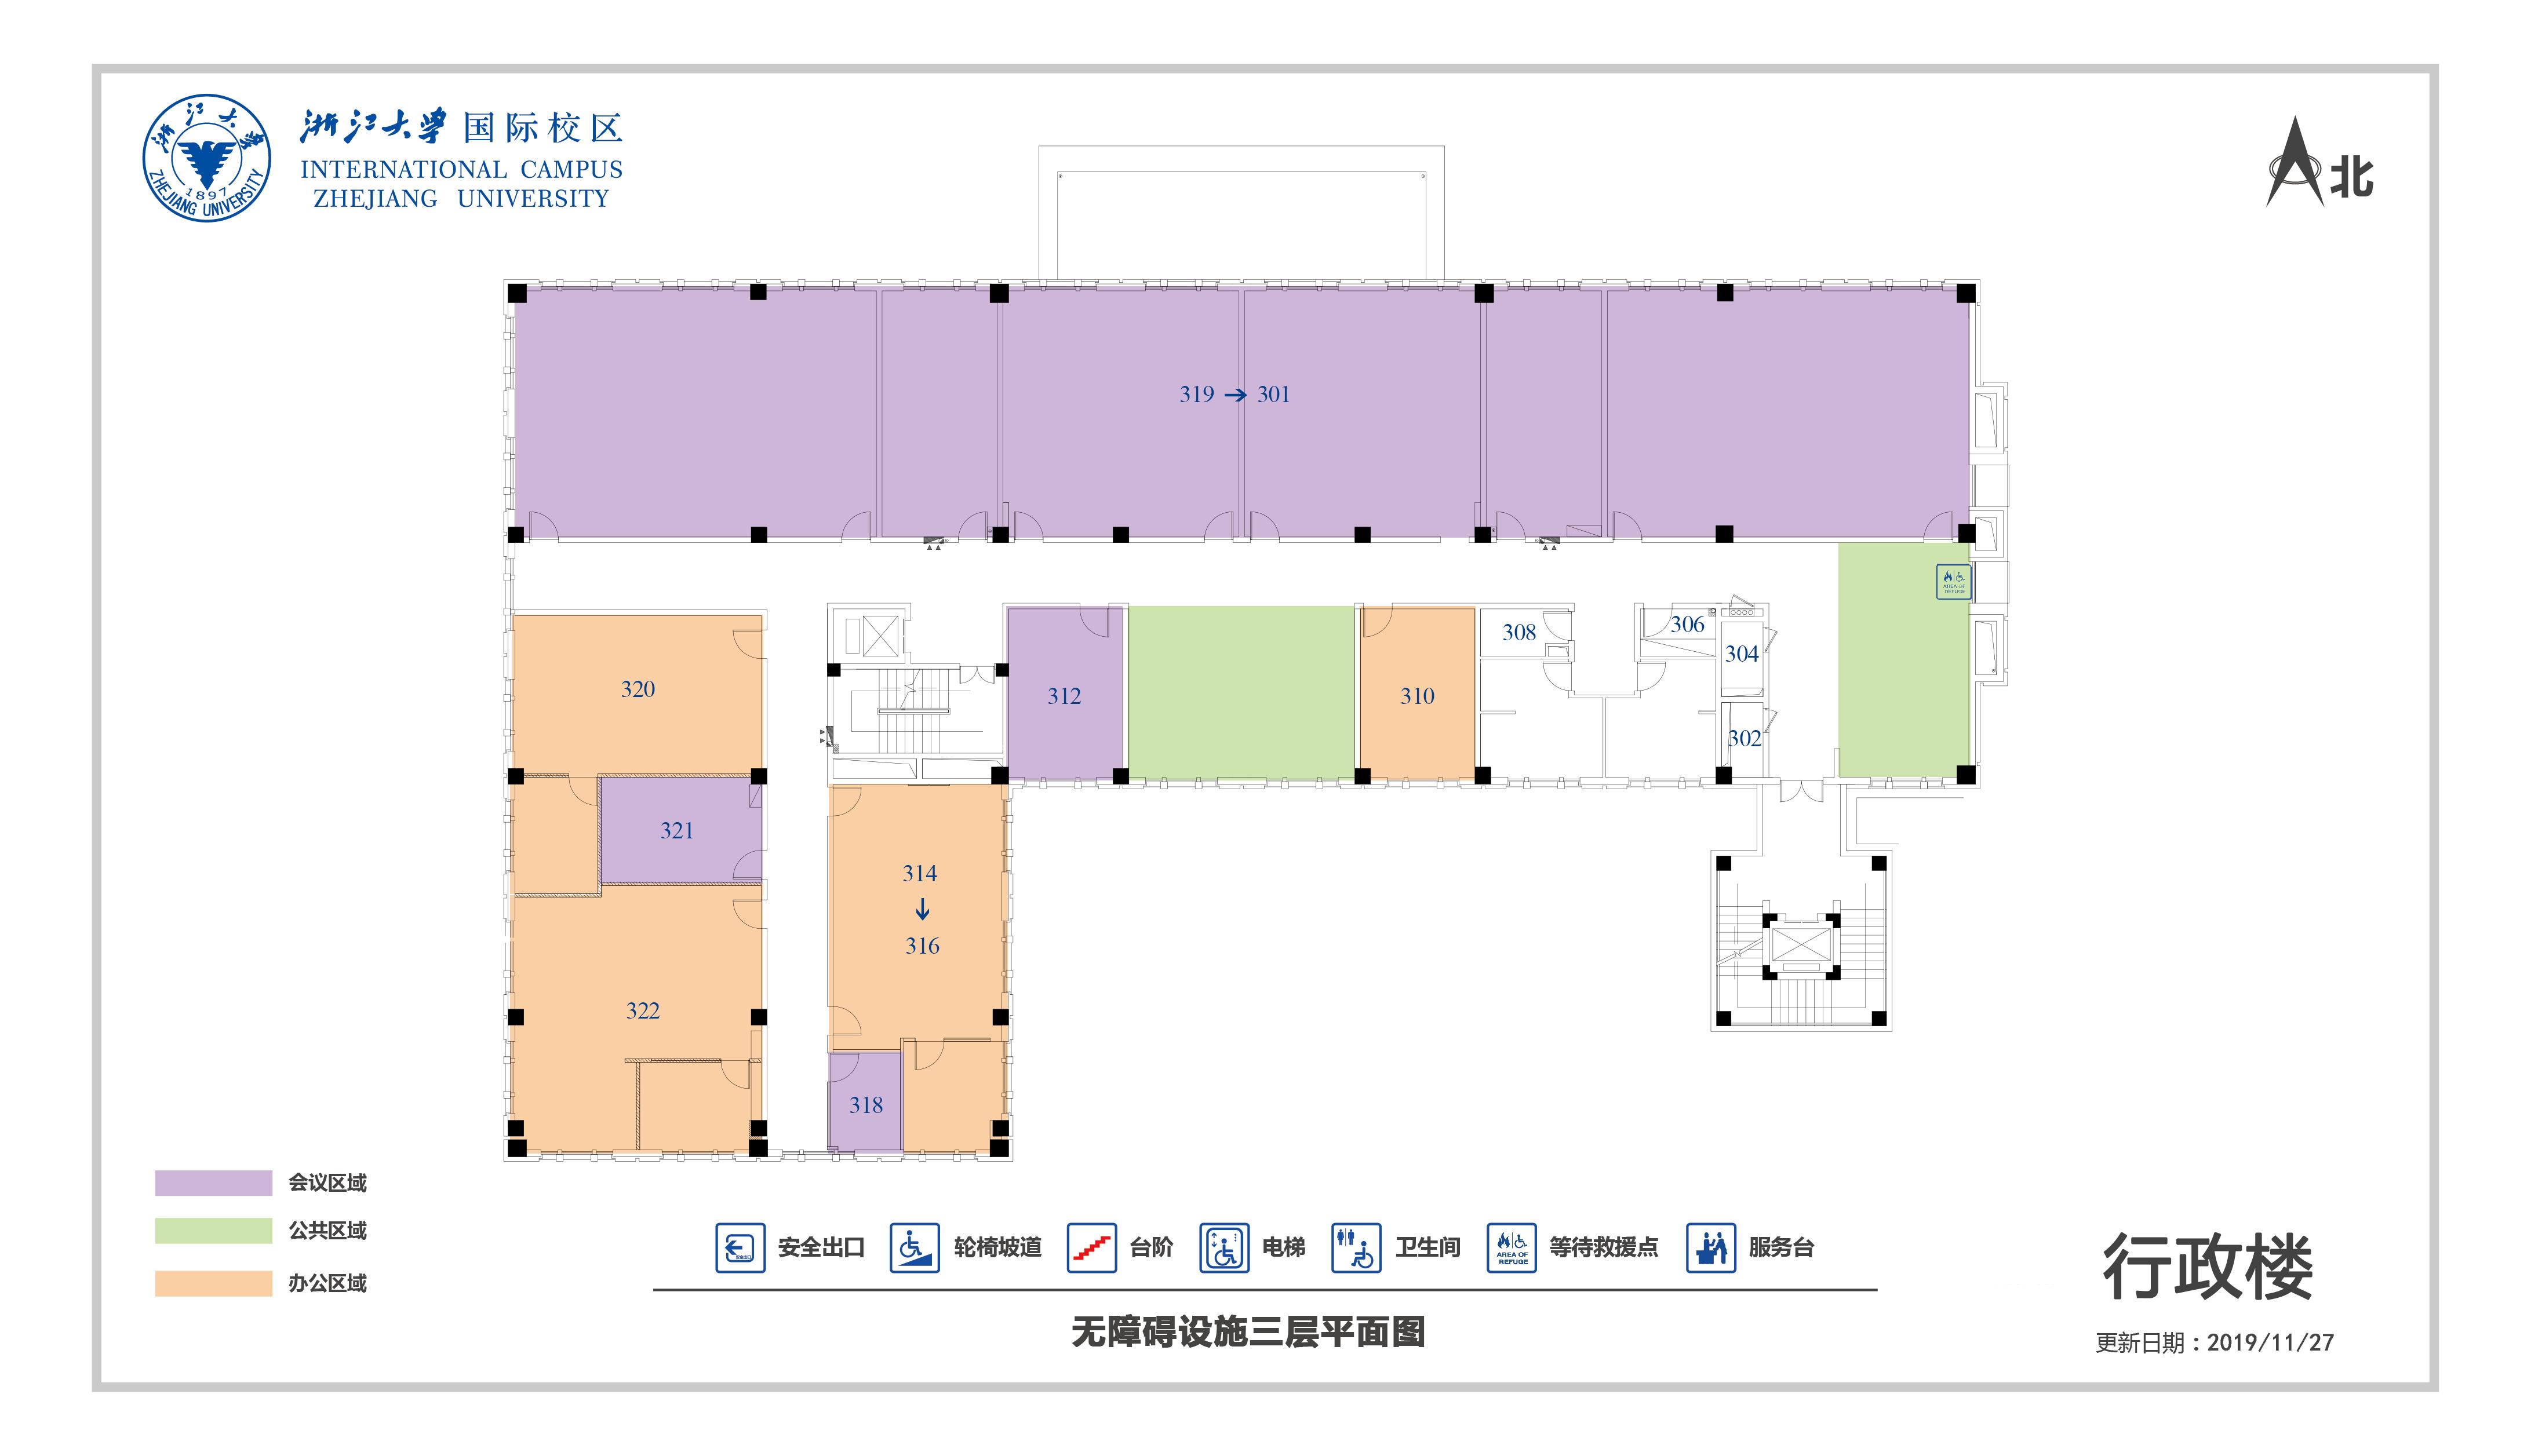 行政楼无障碍设施三层平面图.jpg